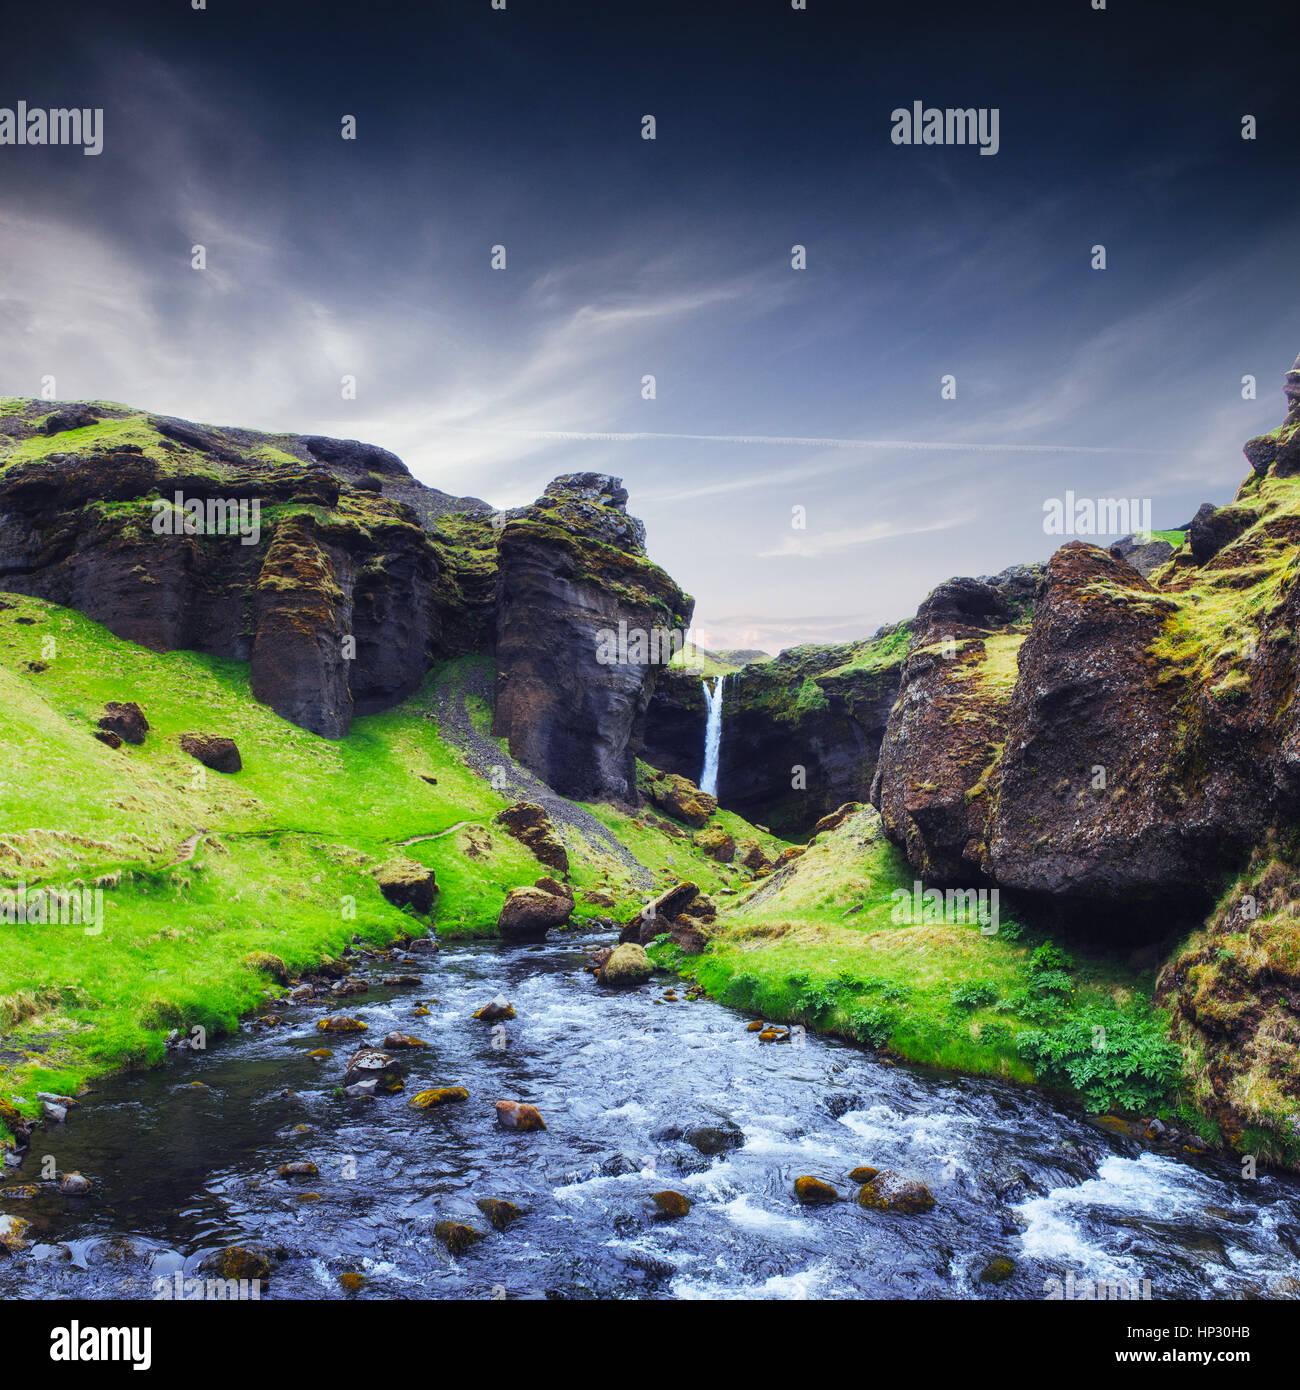 Fantastische Landschaft mit Bergen und Wasserfällen in Island Stockbild